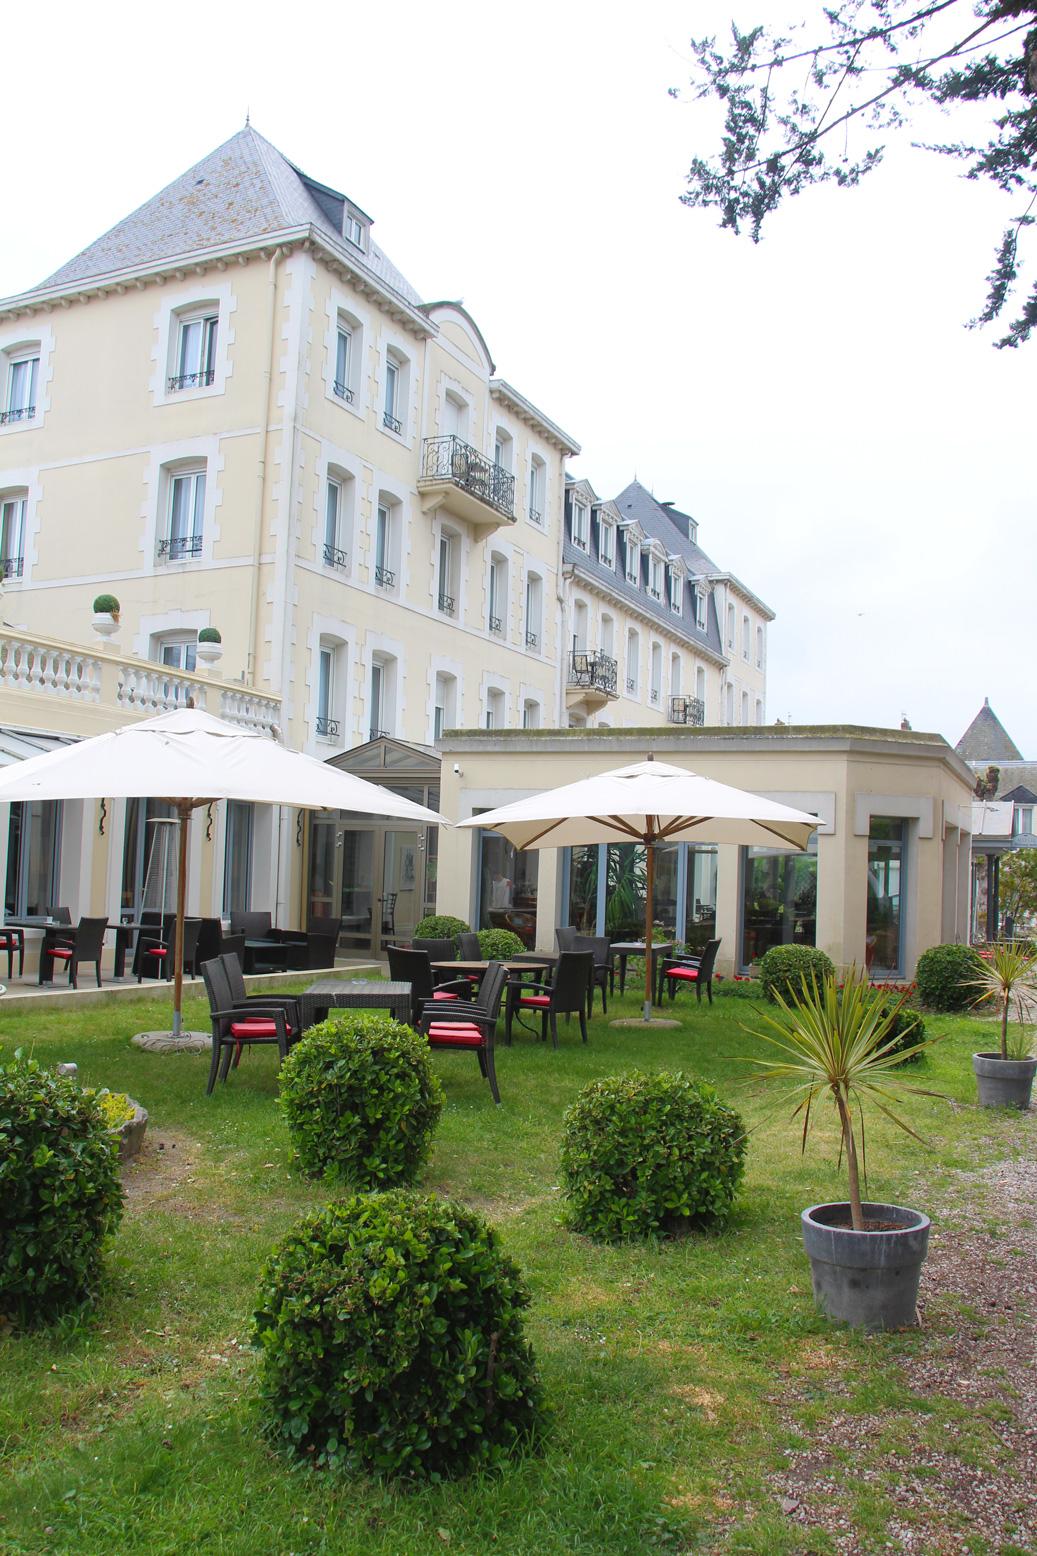 hotel saint-malo qui avec chien - pet friendly hotel qui accepte les chiens et animaux Grand Hotel Courtoisville